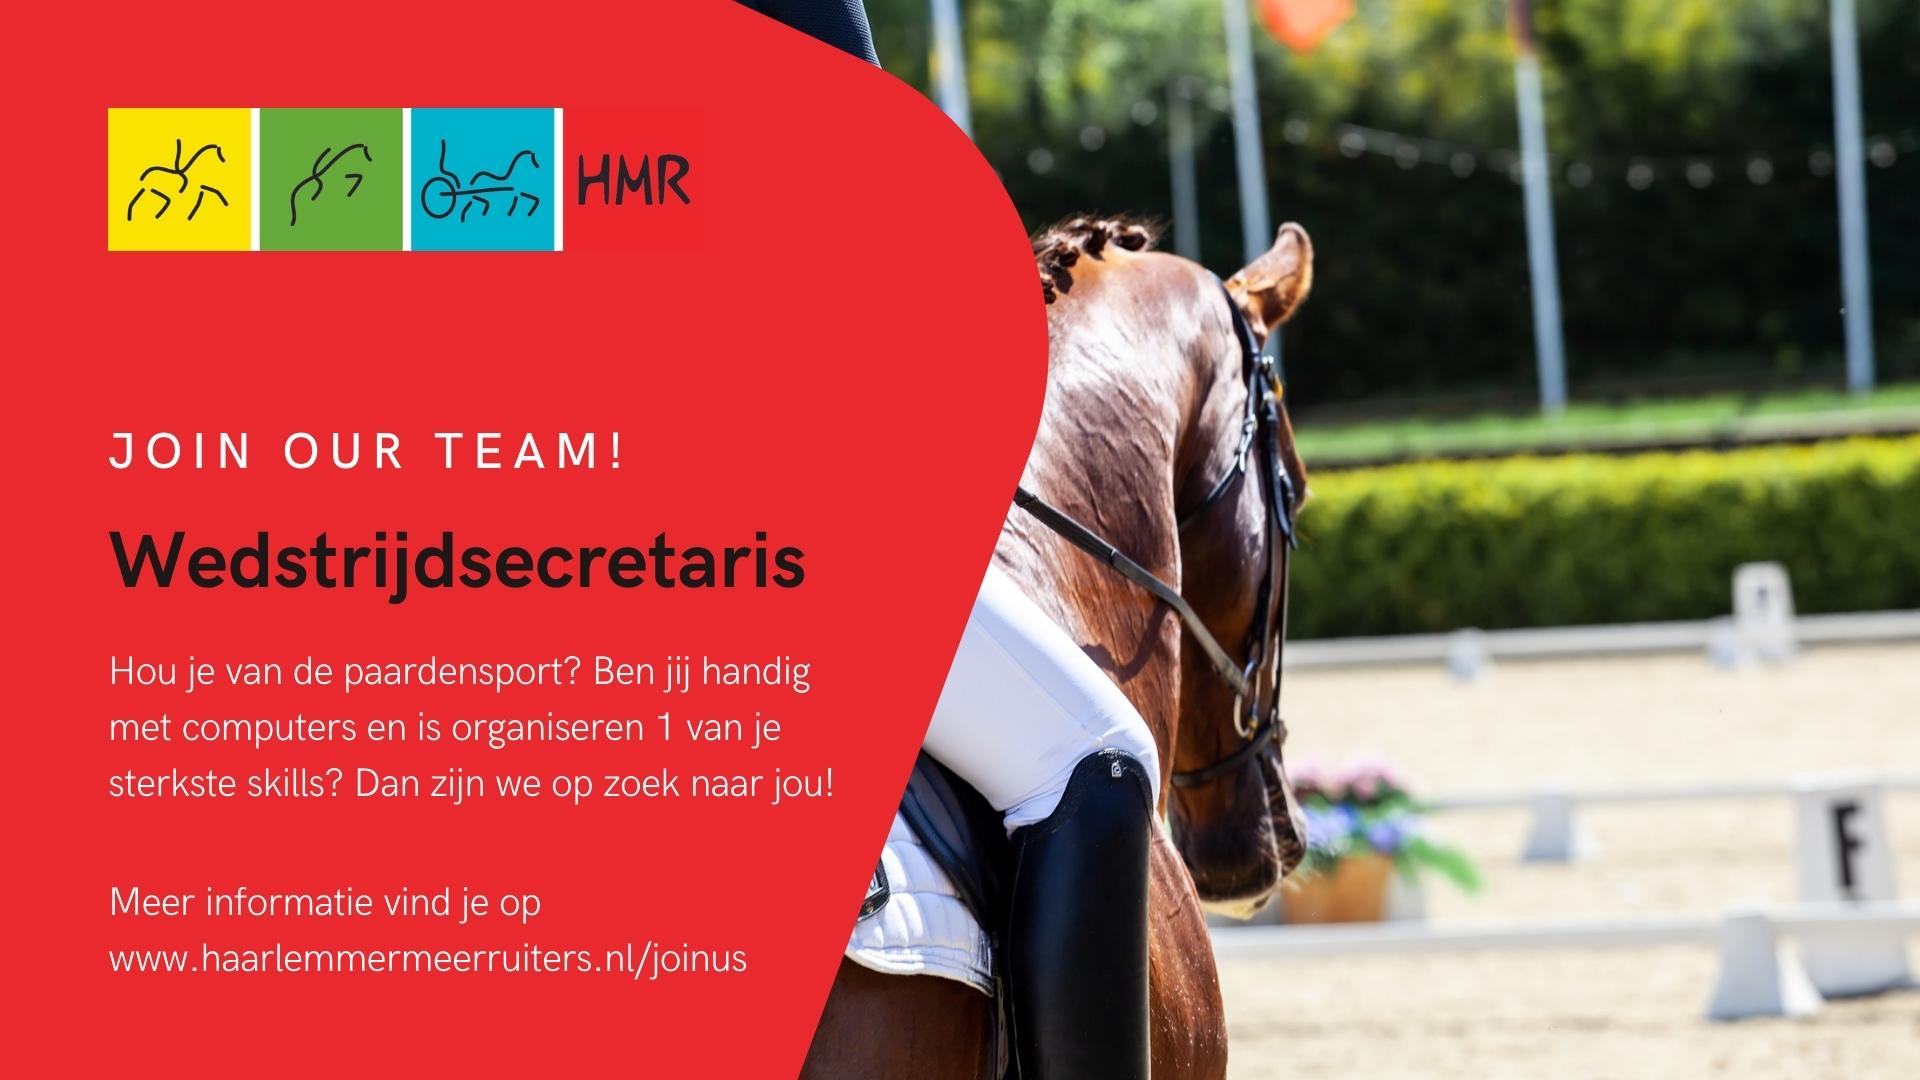 211005 join our team wedstrijdsecretaris